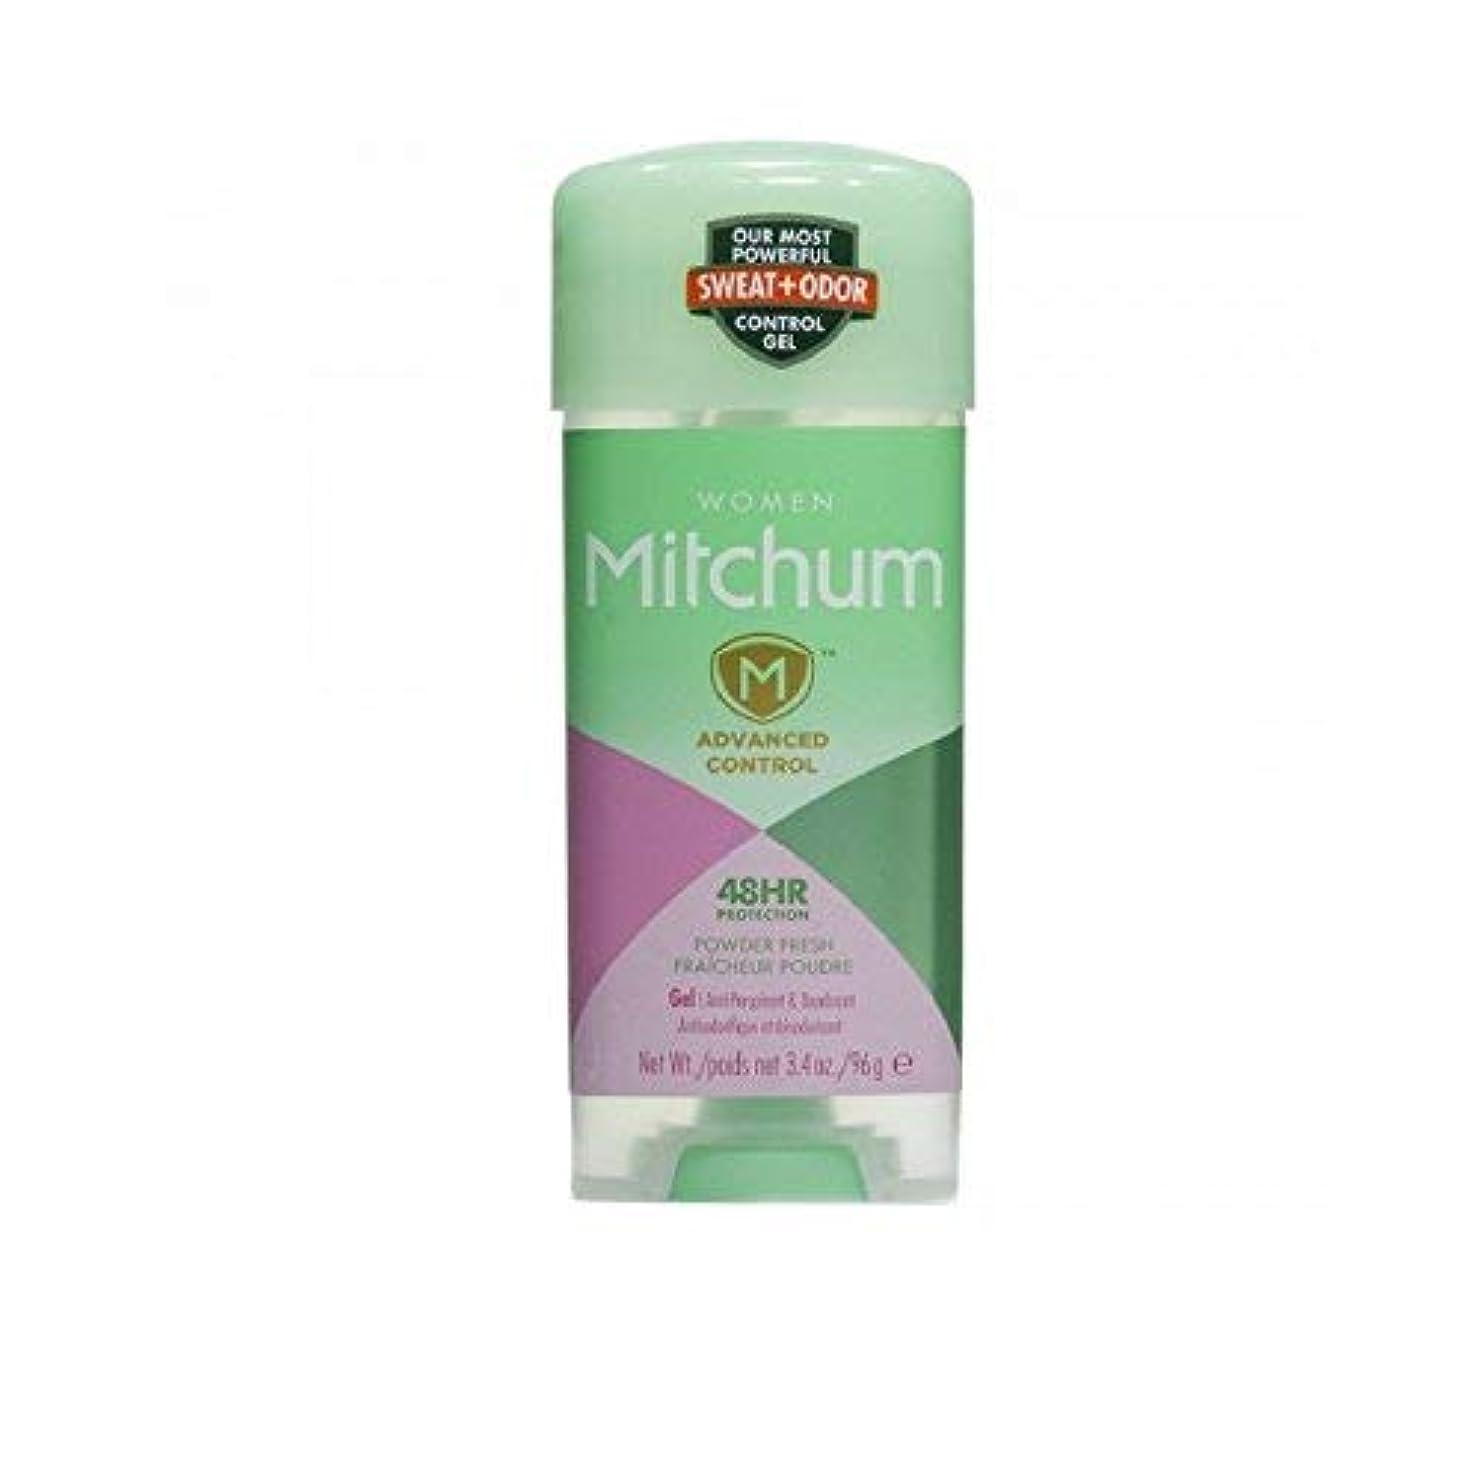 ネクタイコレクション徴収Mitchum 女性の高度な制御制汗デオドラントクリアジェルのために、新鮮な3.4オンスシャワー(5パック) 5パック